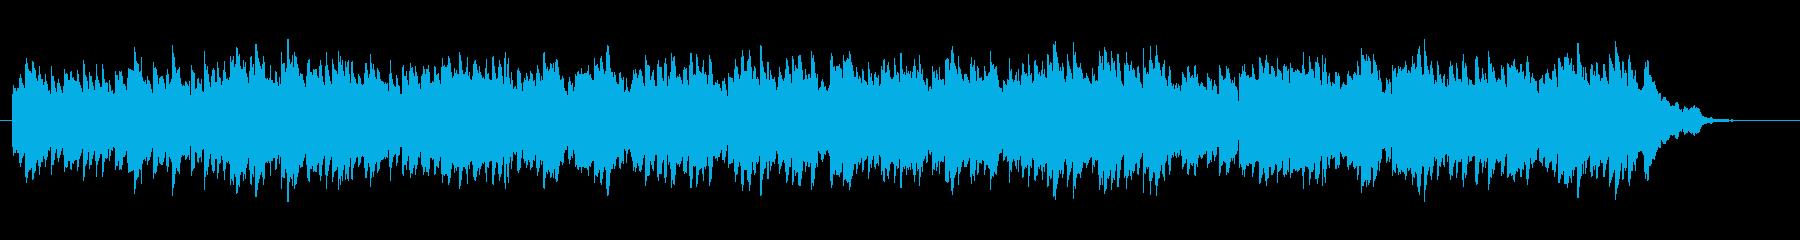 60秒動画広告、宣伝映像、感動的なピアノの再生済みの波形